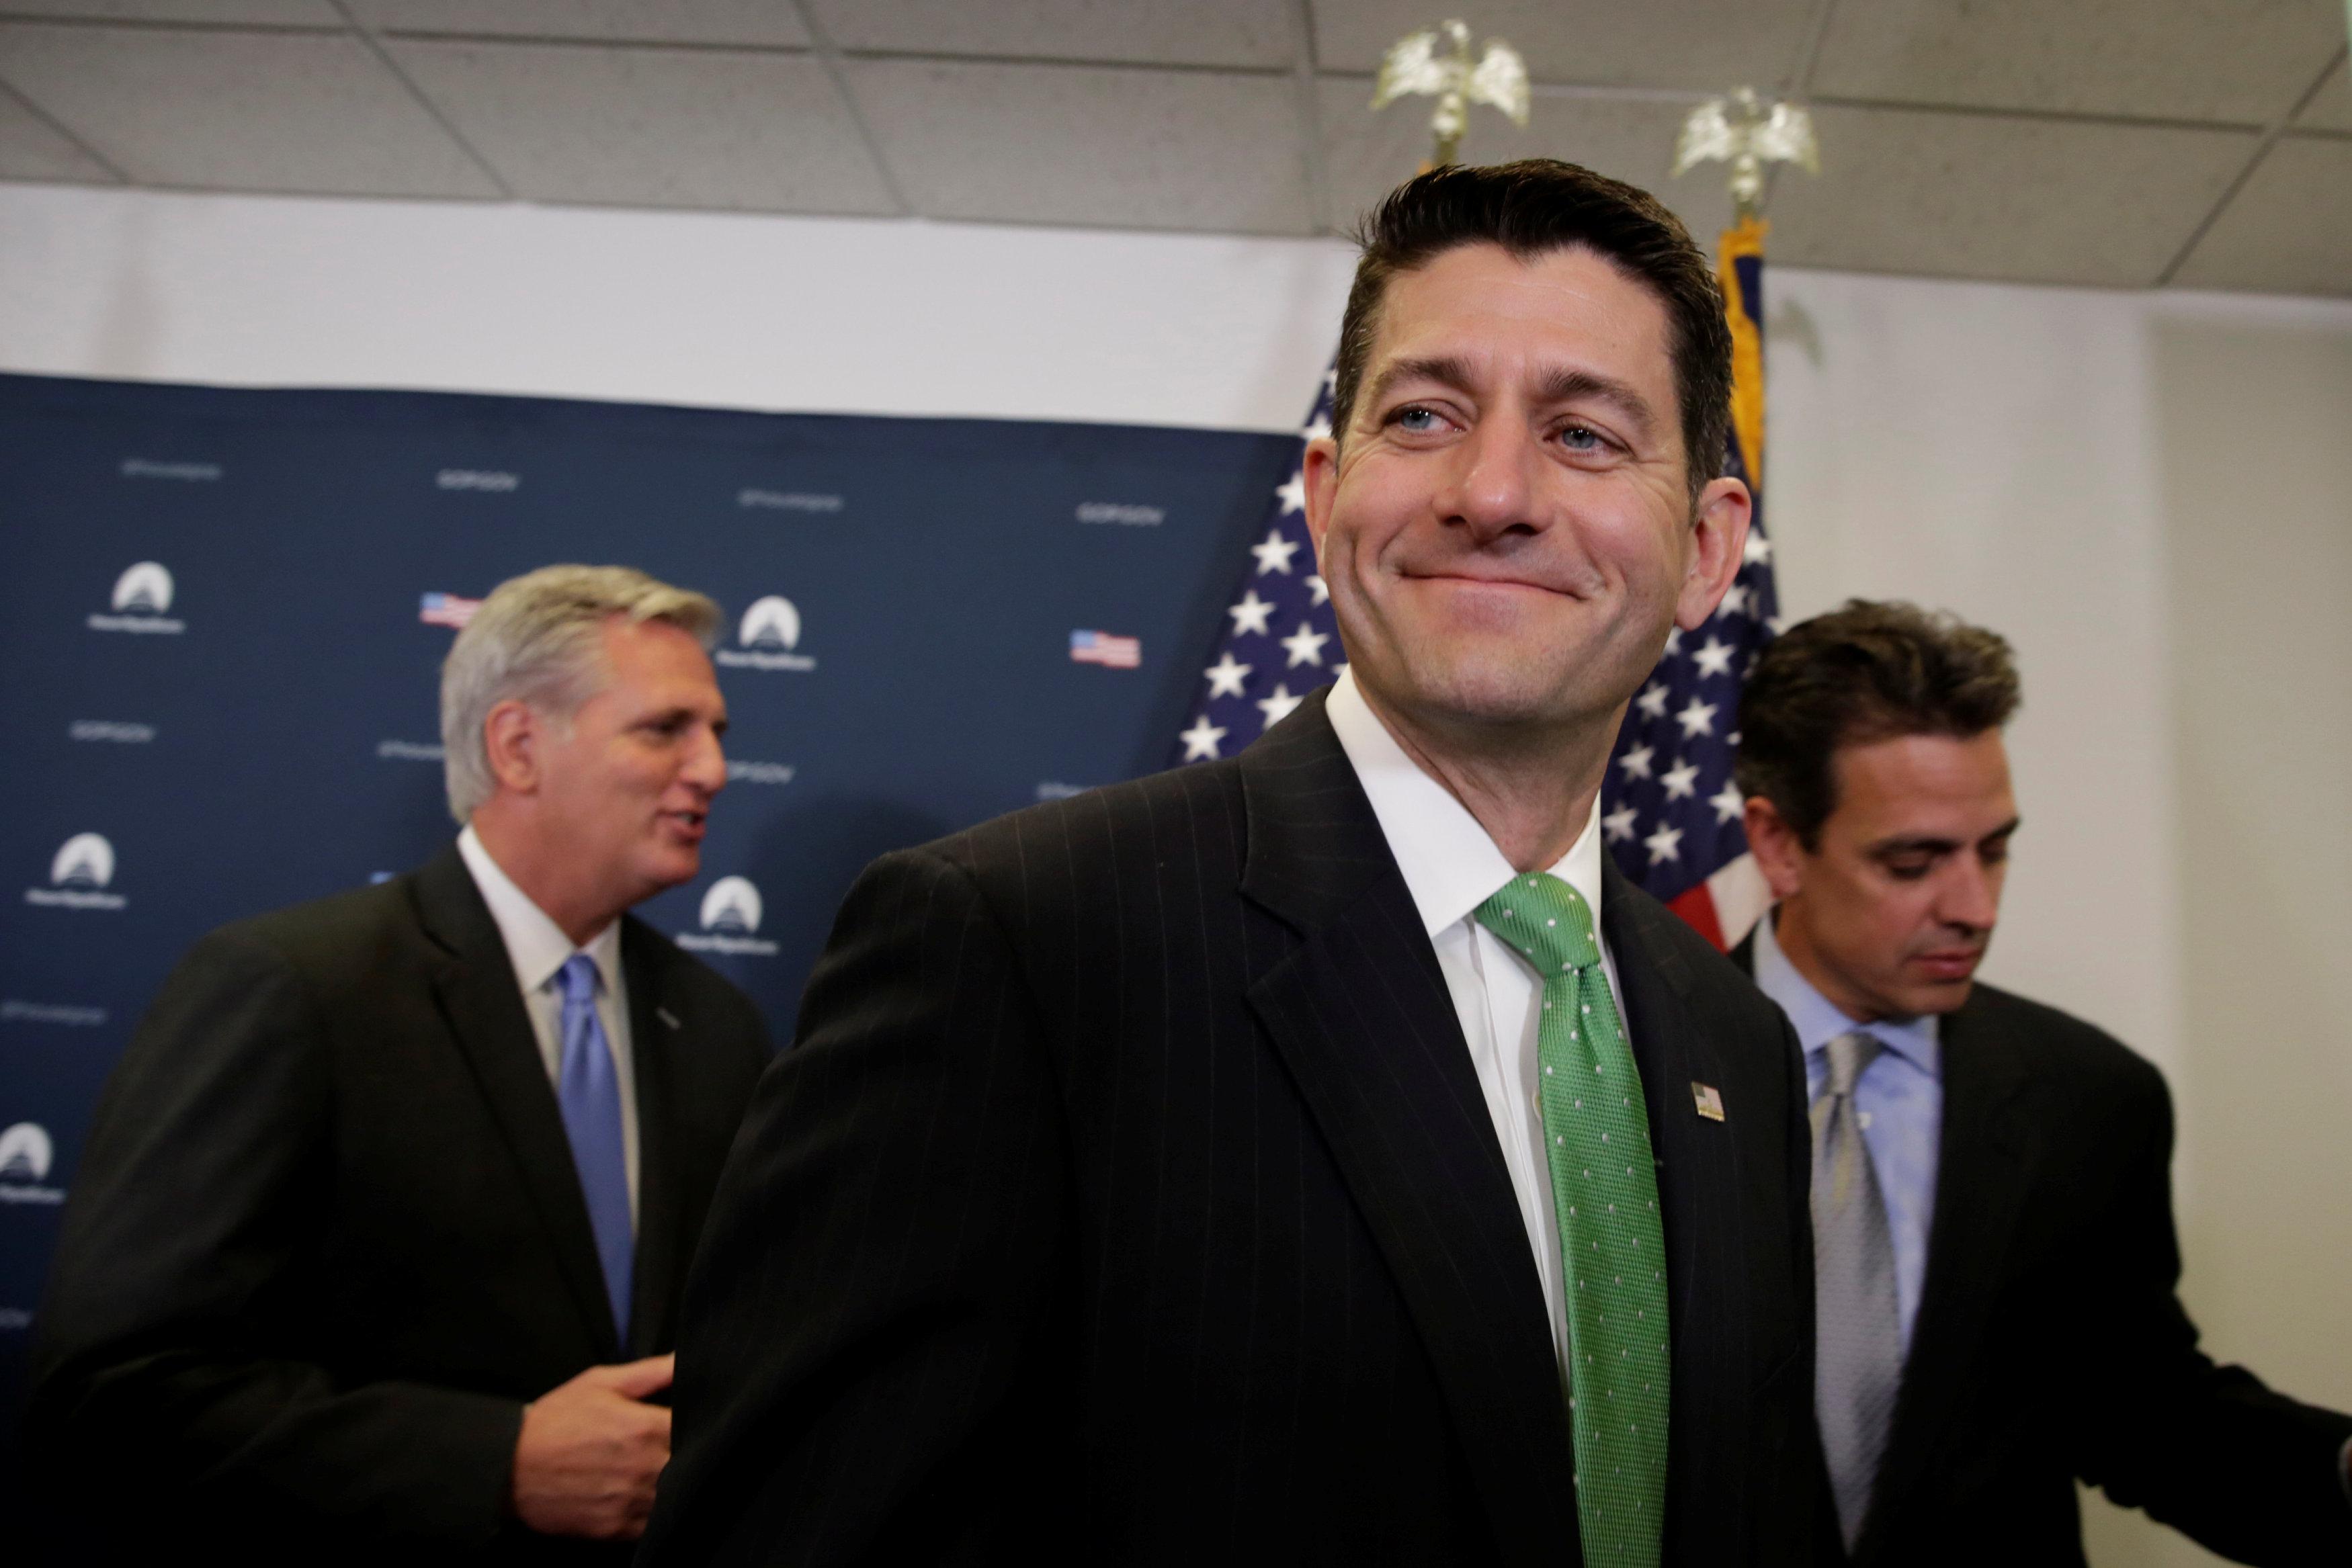 Paul Ryan afirma que mayoría legislativa quiere proteger dreamers